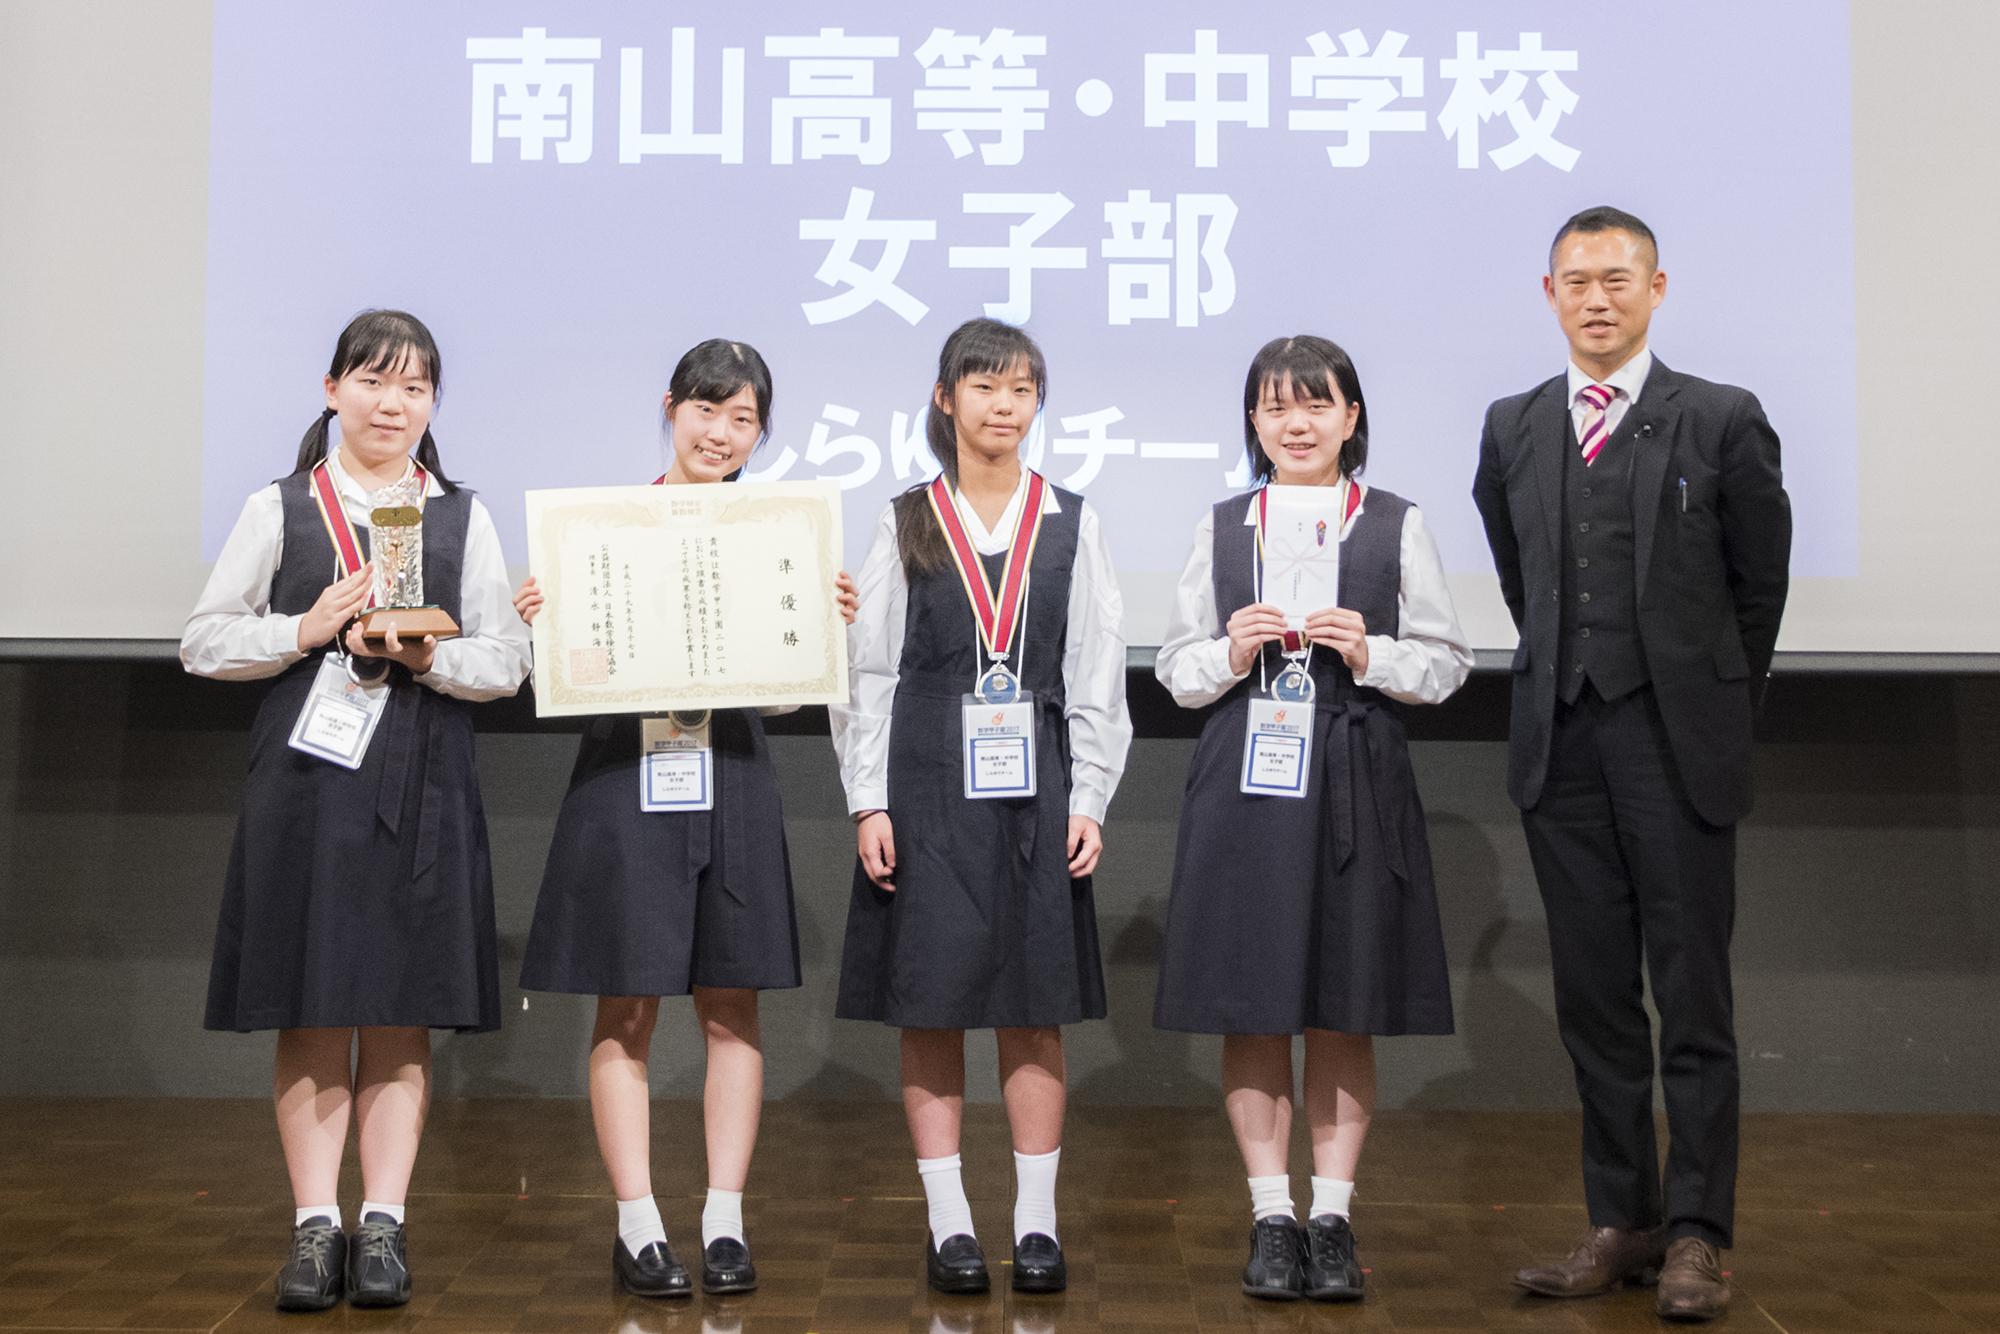 名古屋で一番頭の良い女子高生たちがこちら [無断転載禁止]©2ch.net [114013933]->画像>23枚